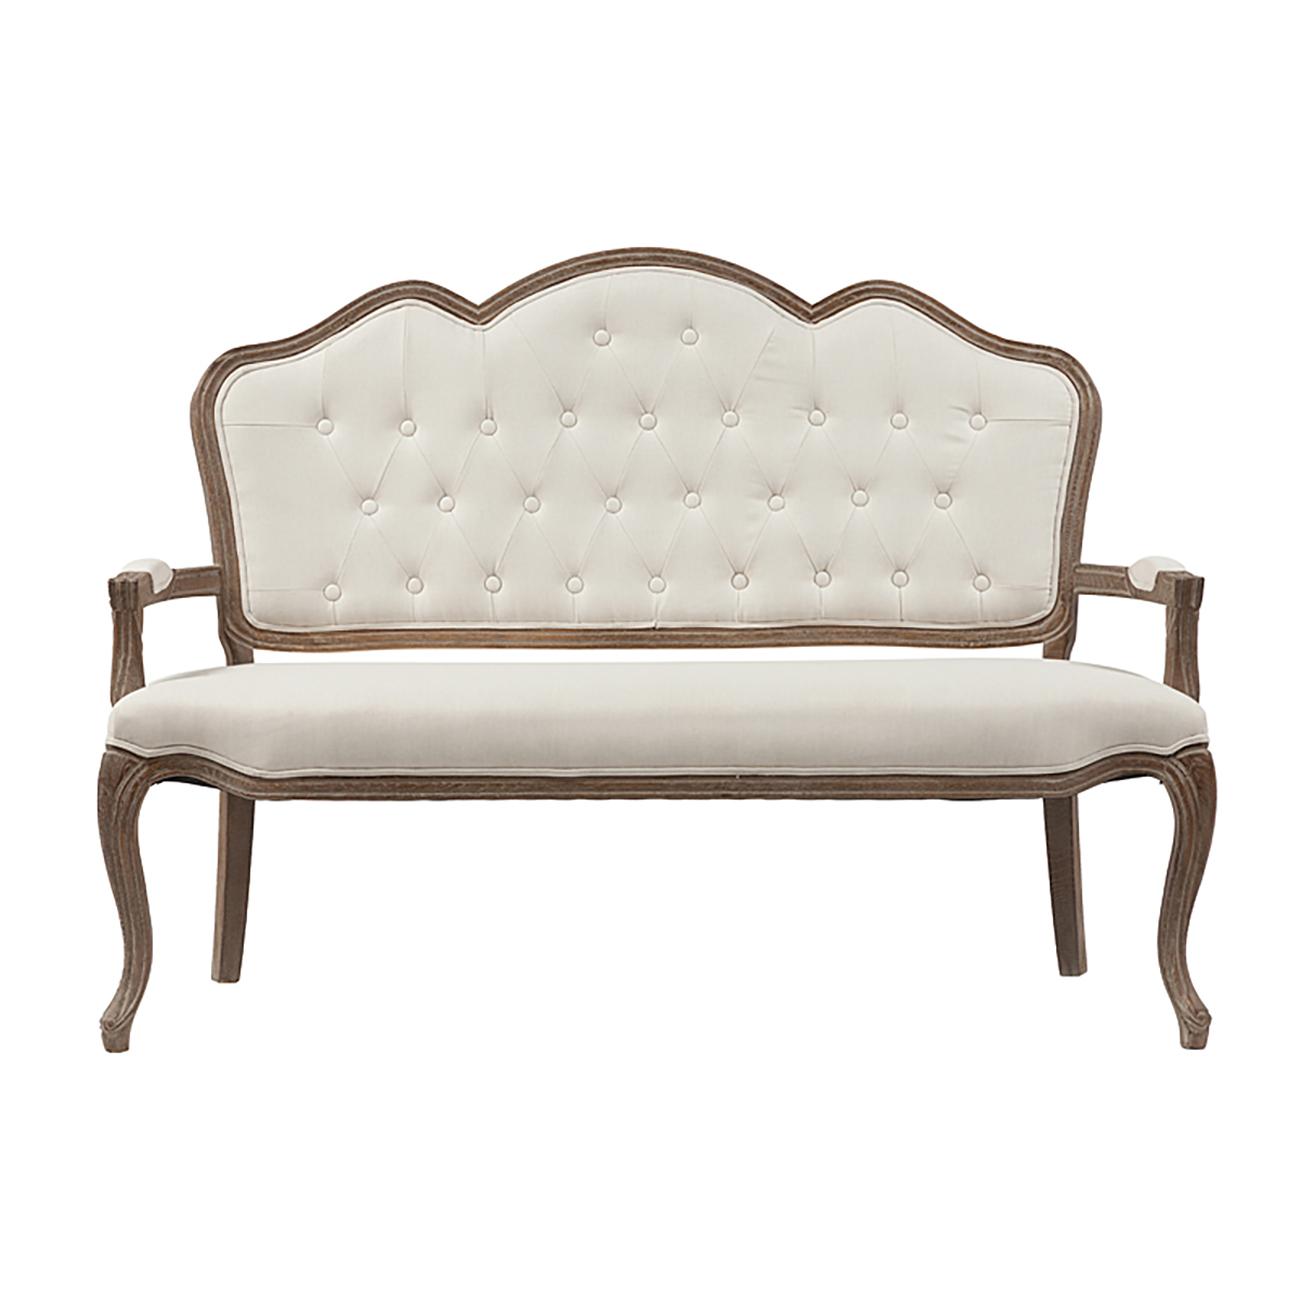 Купить Диван Juliette Sofa Белый Лен в интернет магазине дизайнерской мебели и аксессуаров для дома и дачи